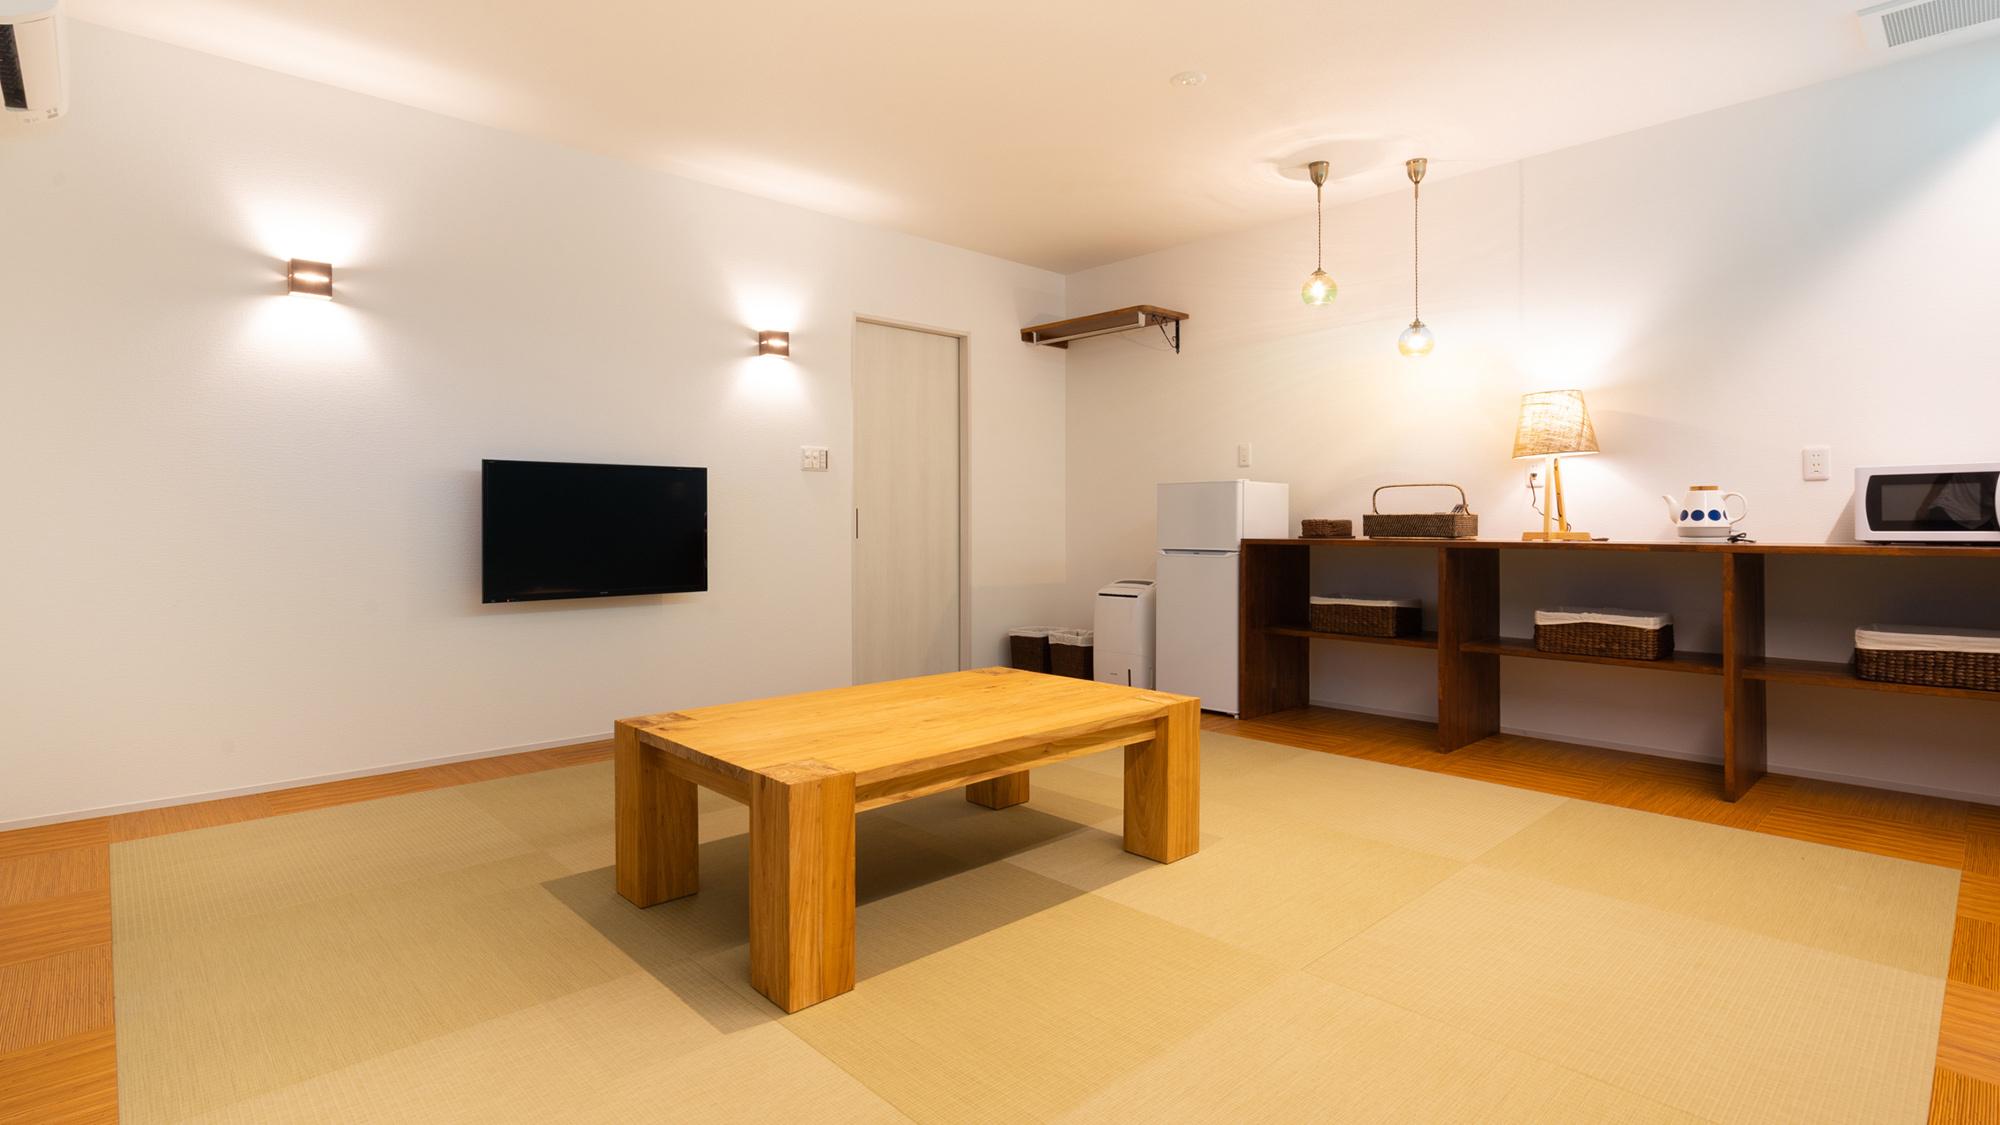 【オーシャンビュー和室(34.4m2)】マリン色を基調としたスッキリした客室。バルコニー付。